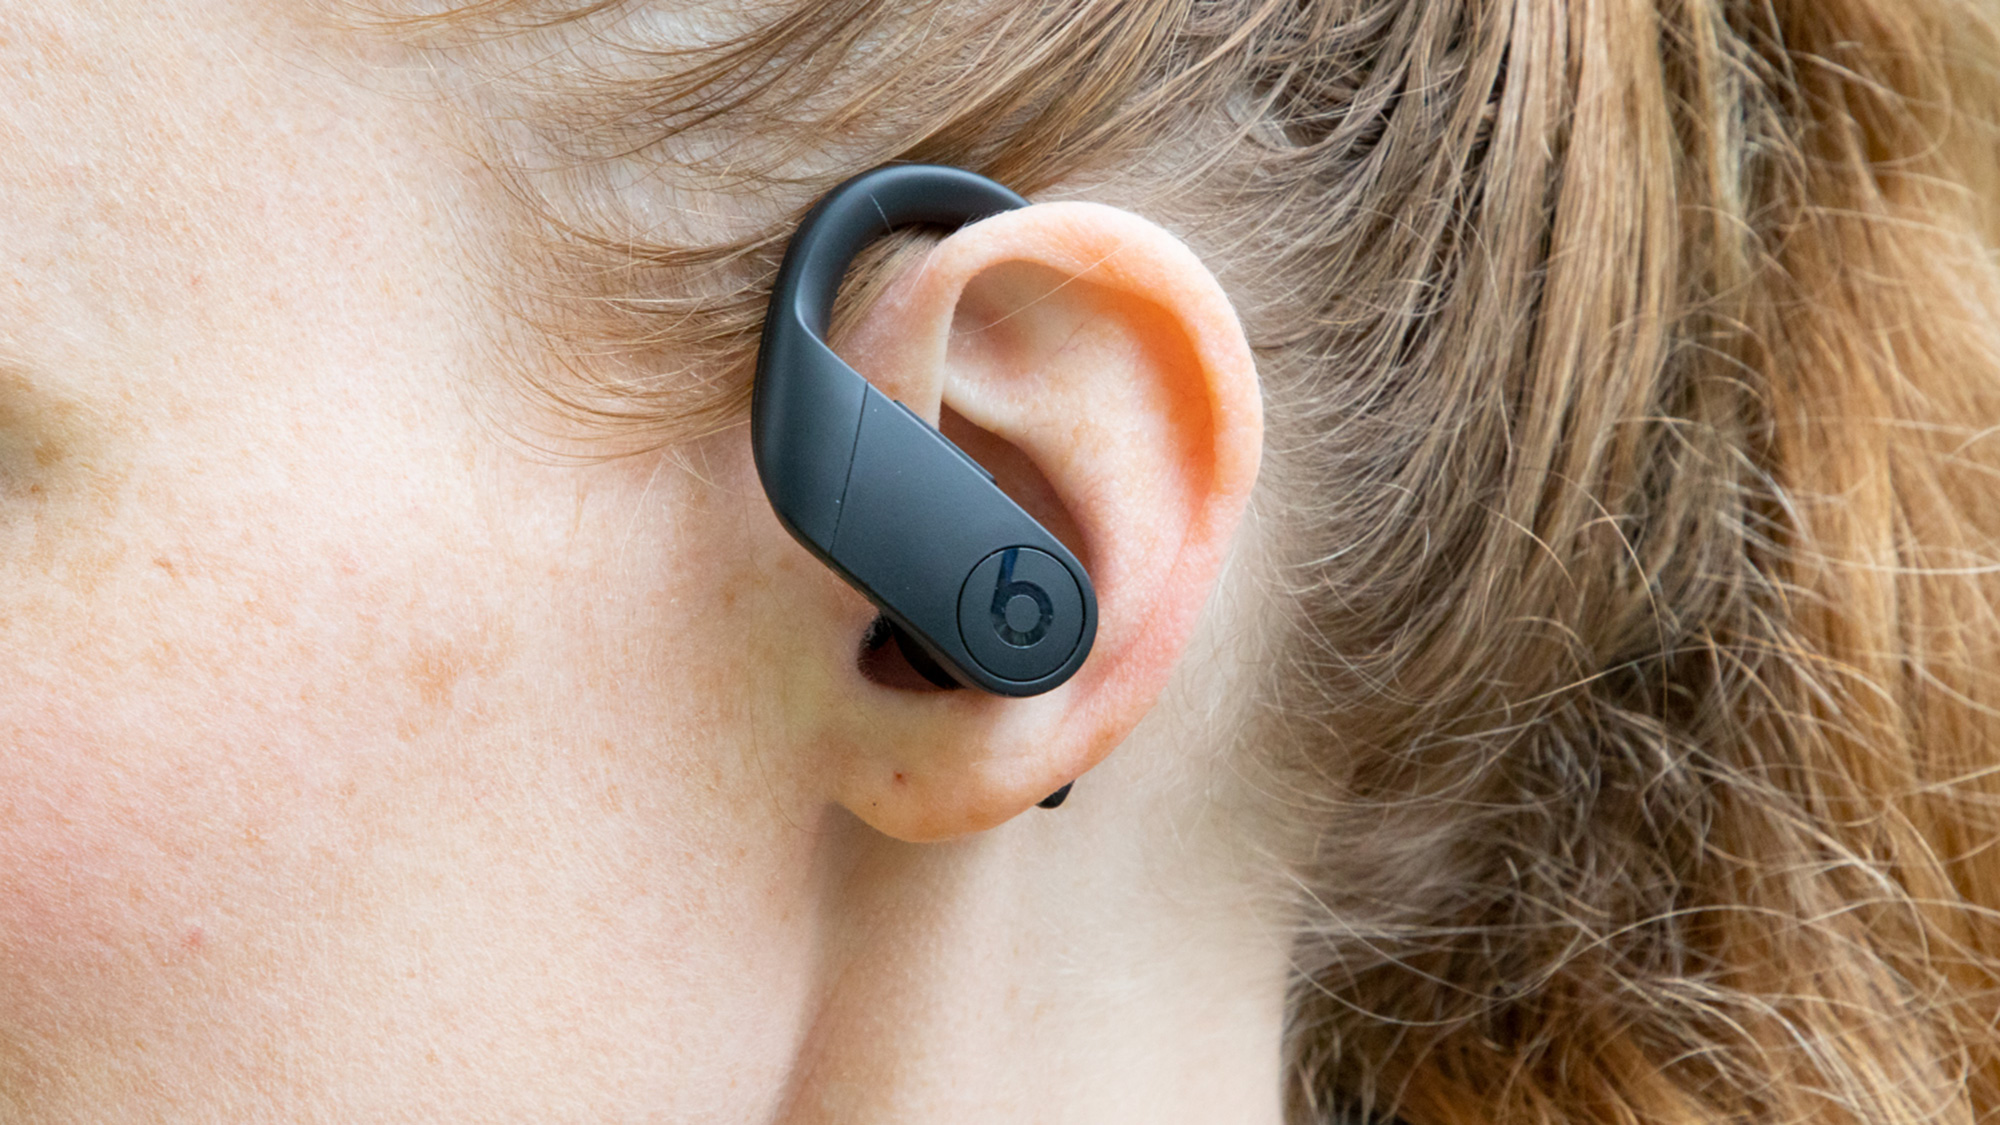 Melhores fones de ouvido esportivos: Powerbeats Pro